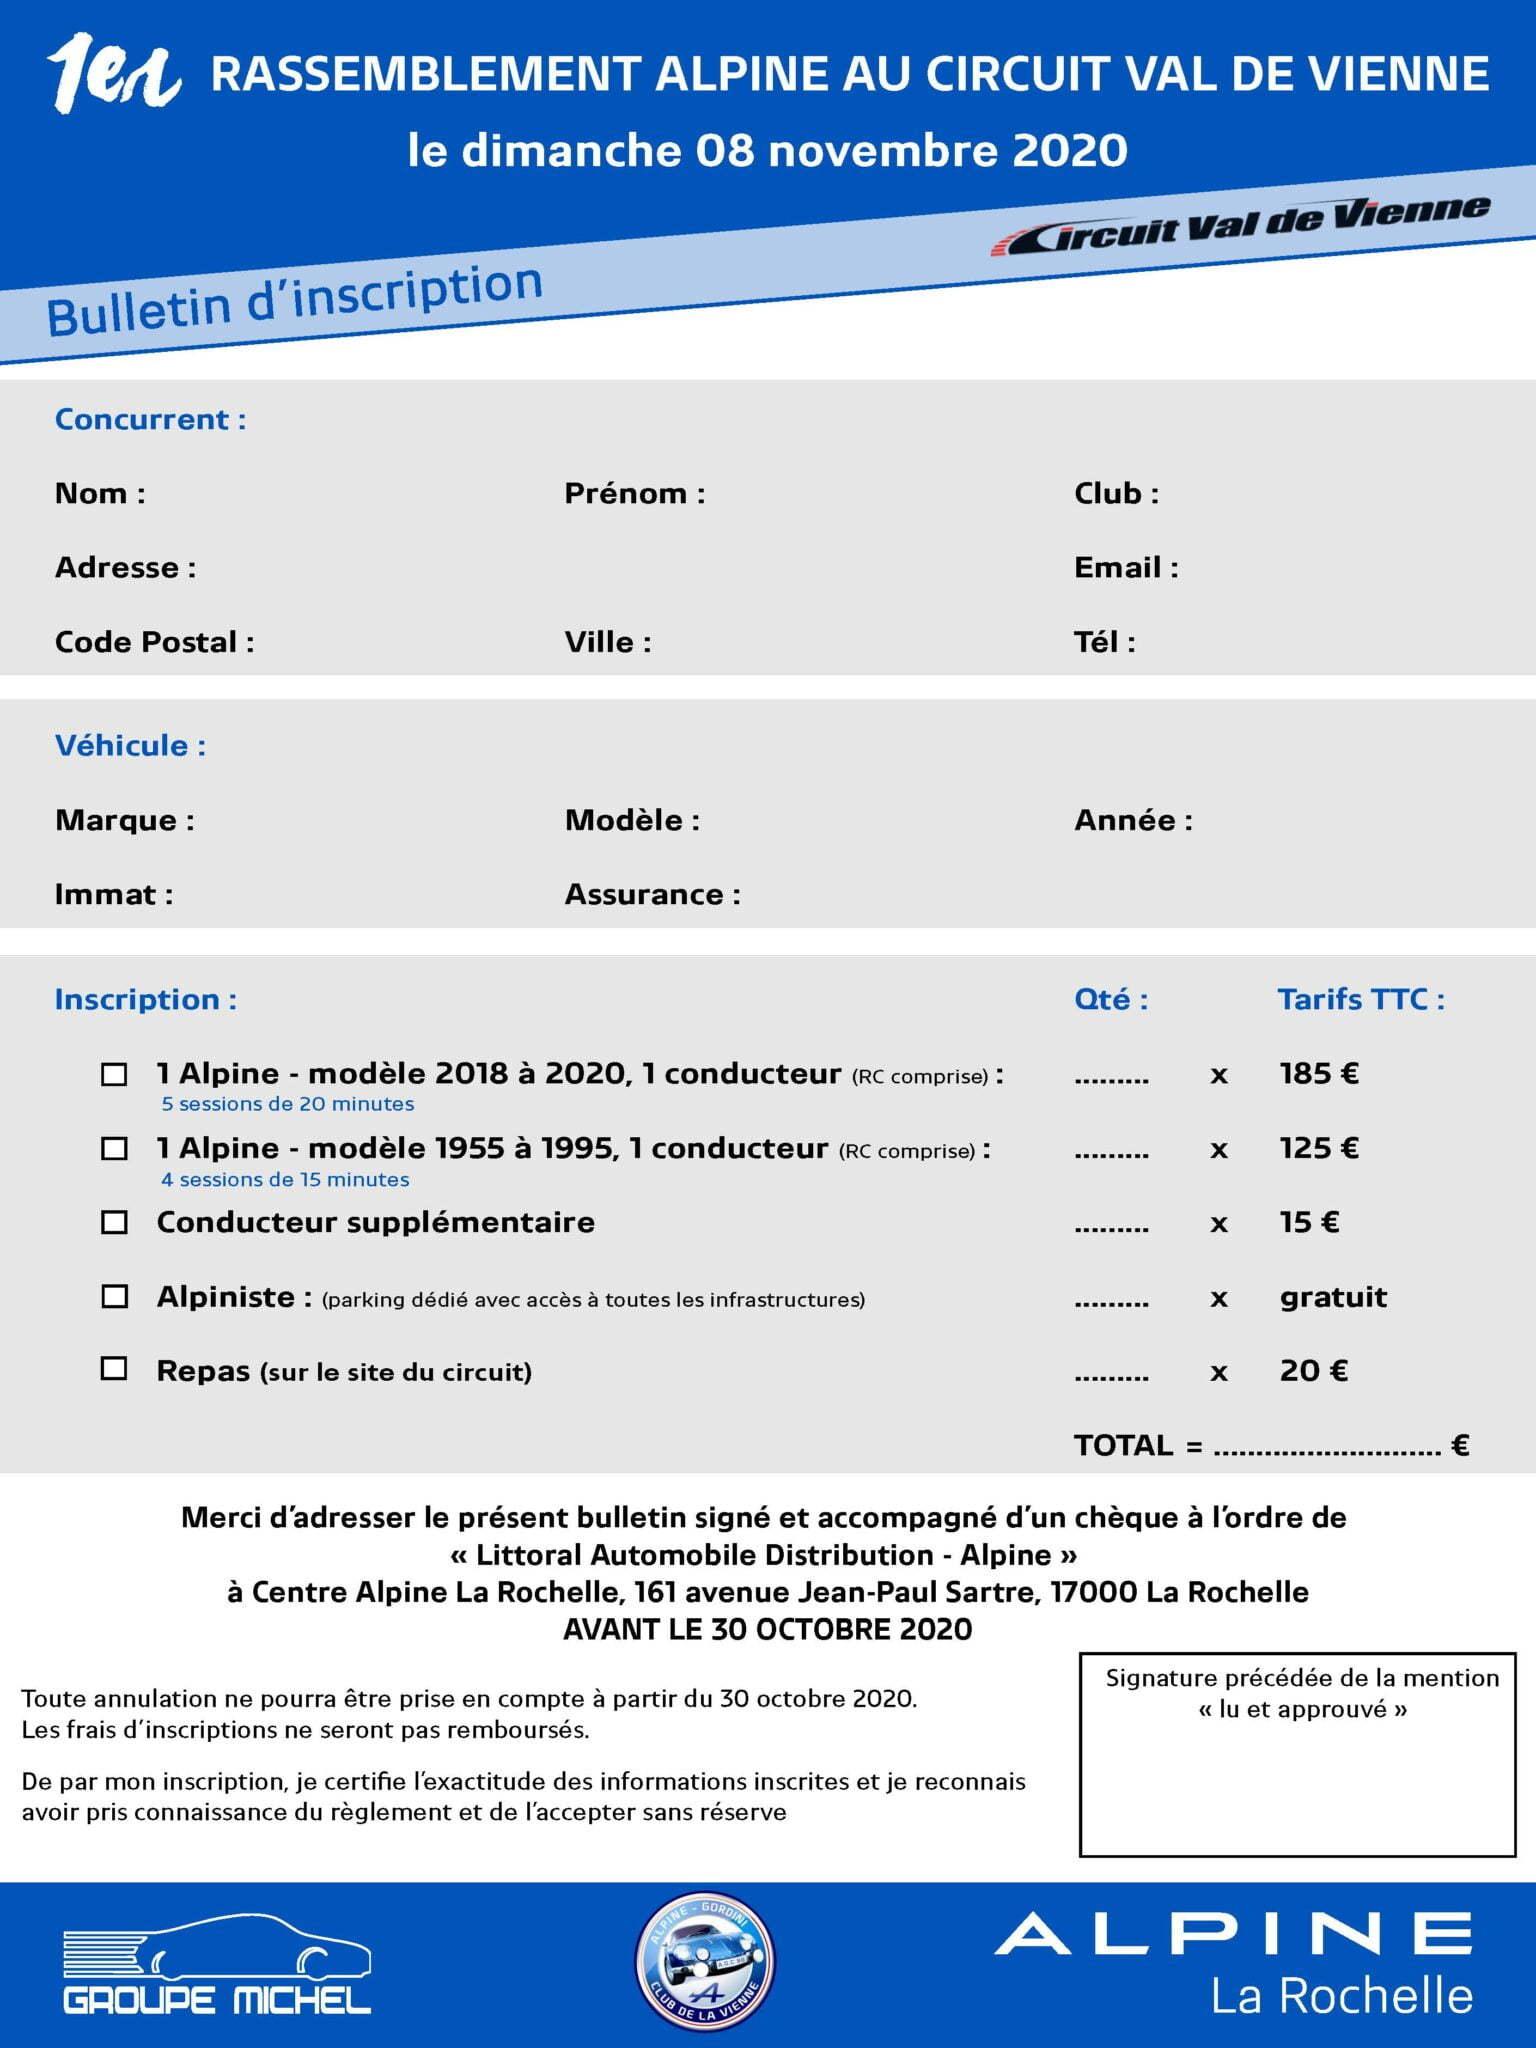 RASSEMBLEMENT ALPINE CIRCUIT VAL DE VIENNE Page 1 | Le 1er Rassemblement Alpine au Circuit Val de Vienne 2020